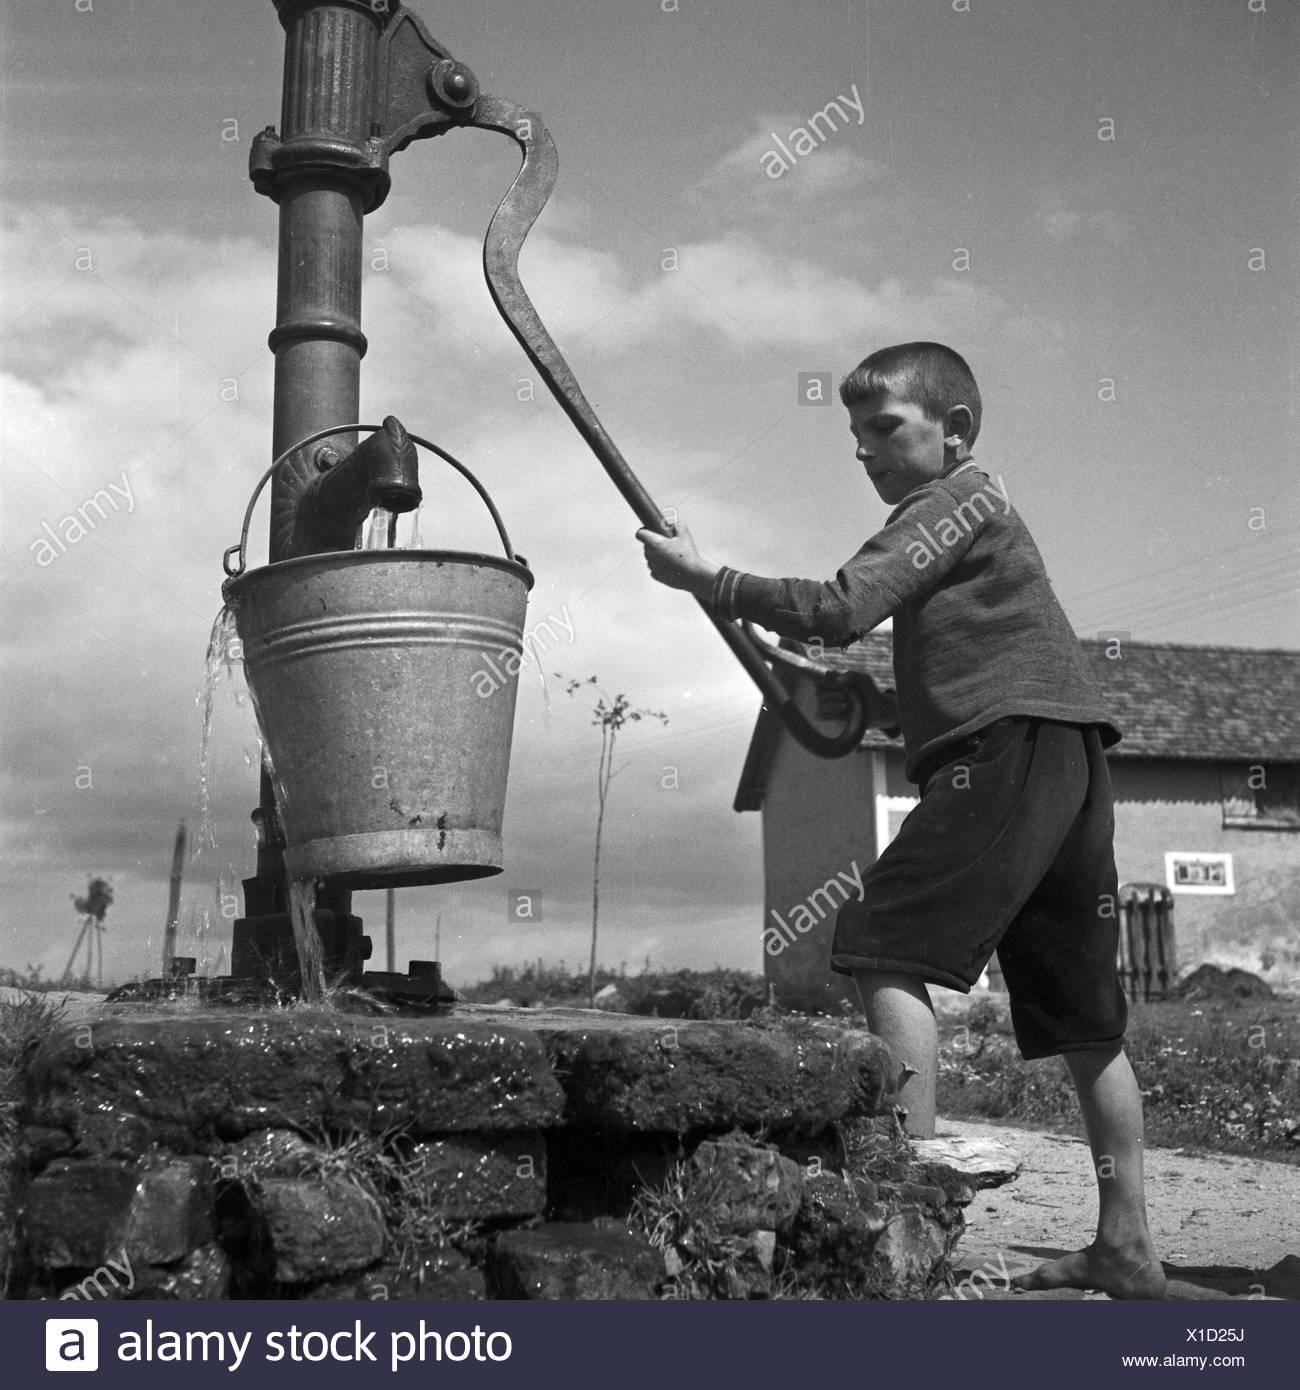 Ein Junge holt Wasser an einem Brunnen in Allenstein in Ostpreußen, Deutschland 1930er Jahre. A boy taking water from a well at Allenstein in East Prussia, Germany 1930s. - Stock Image